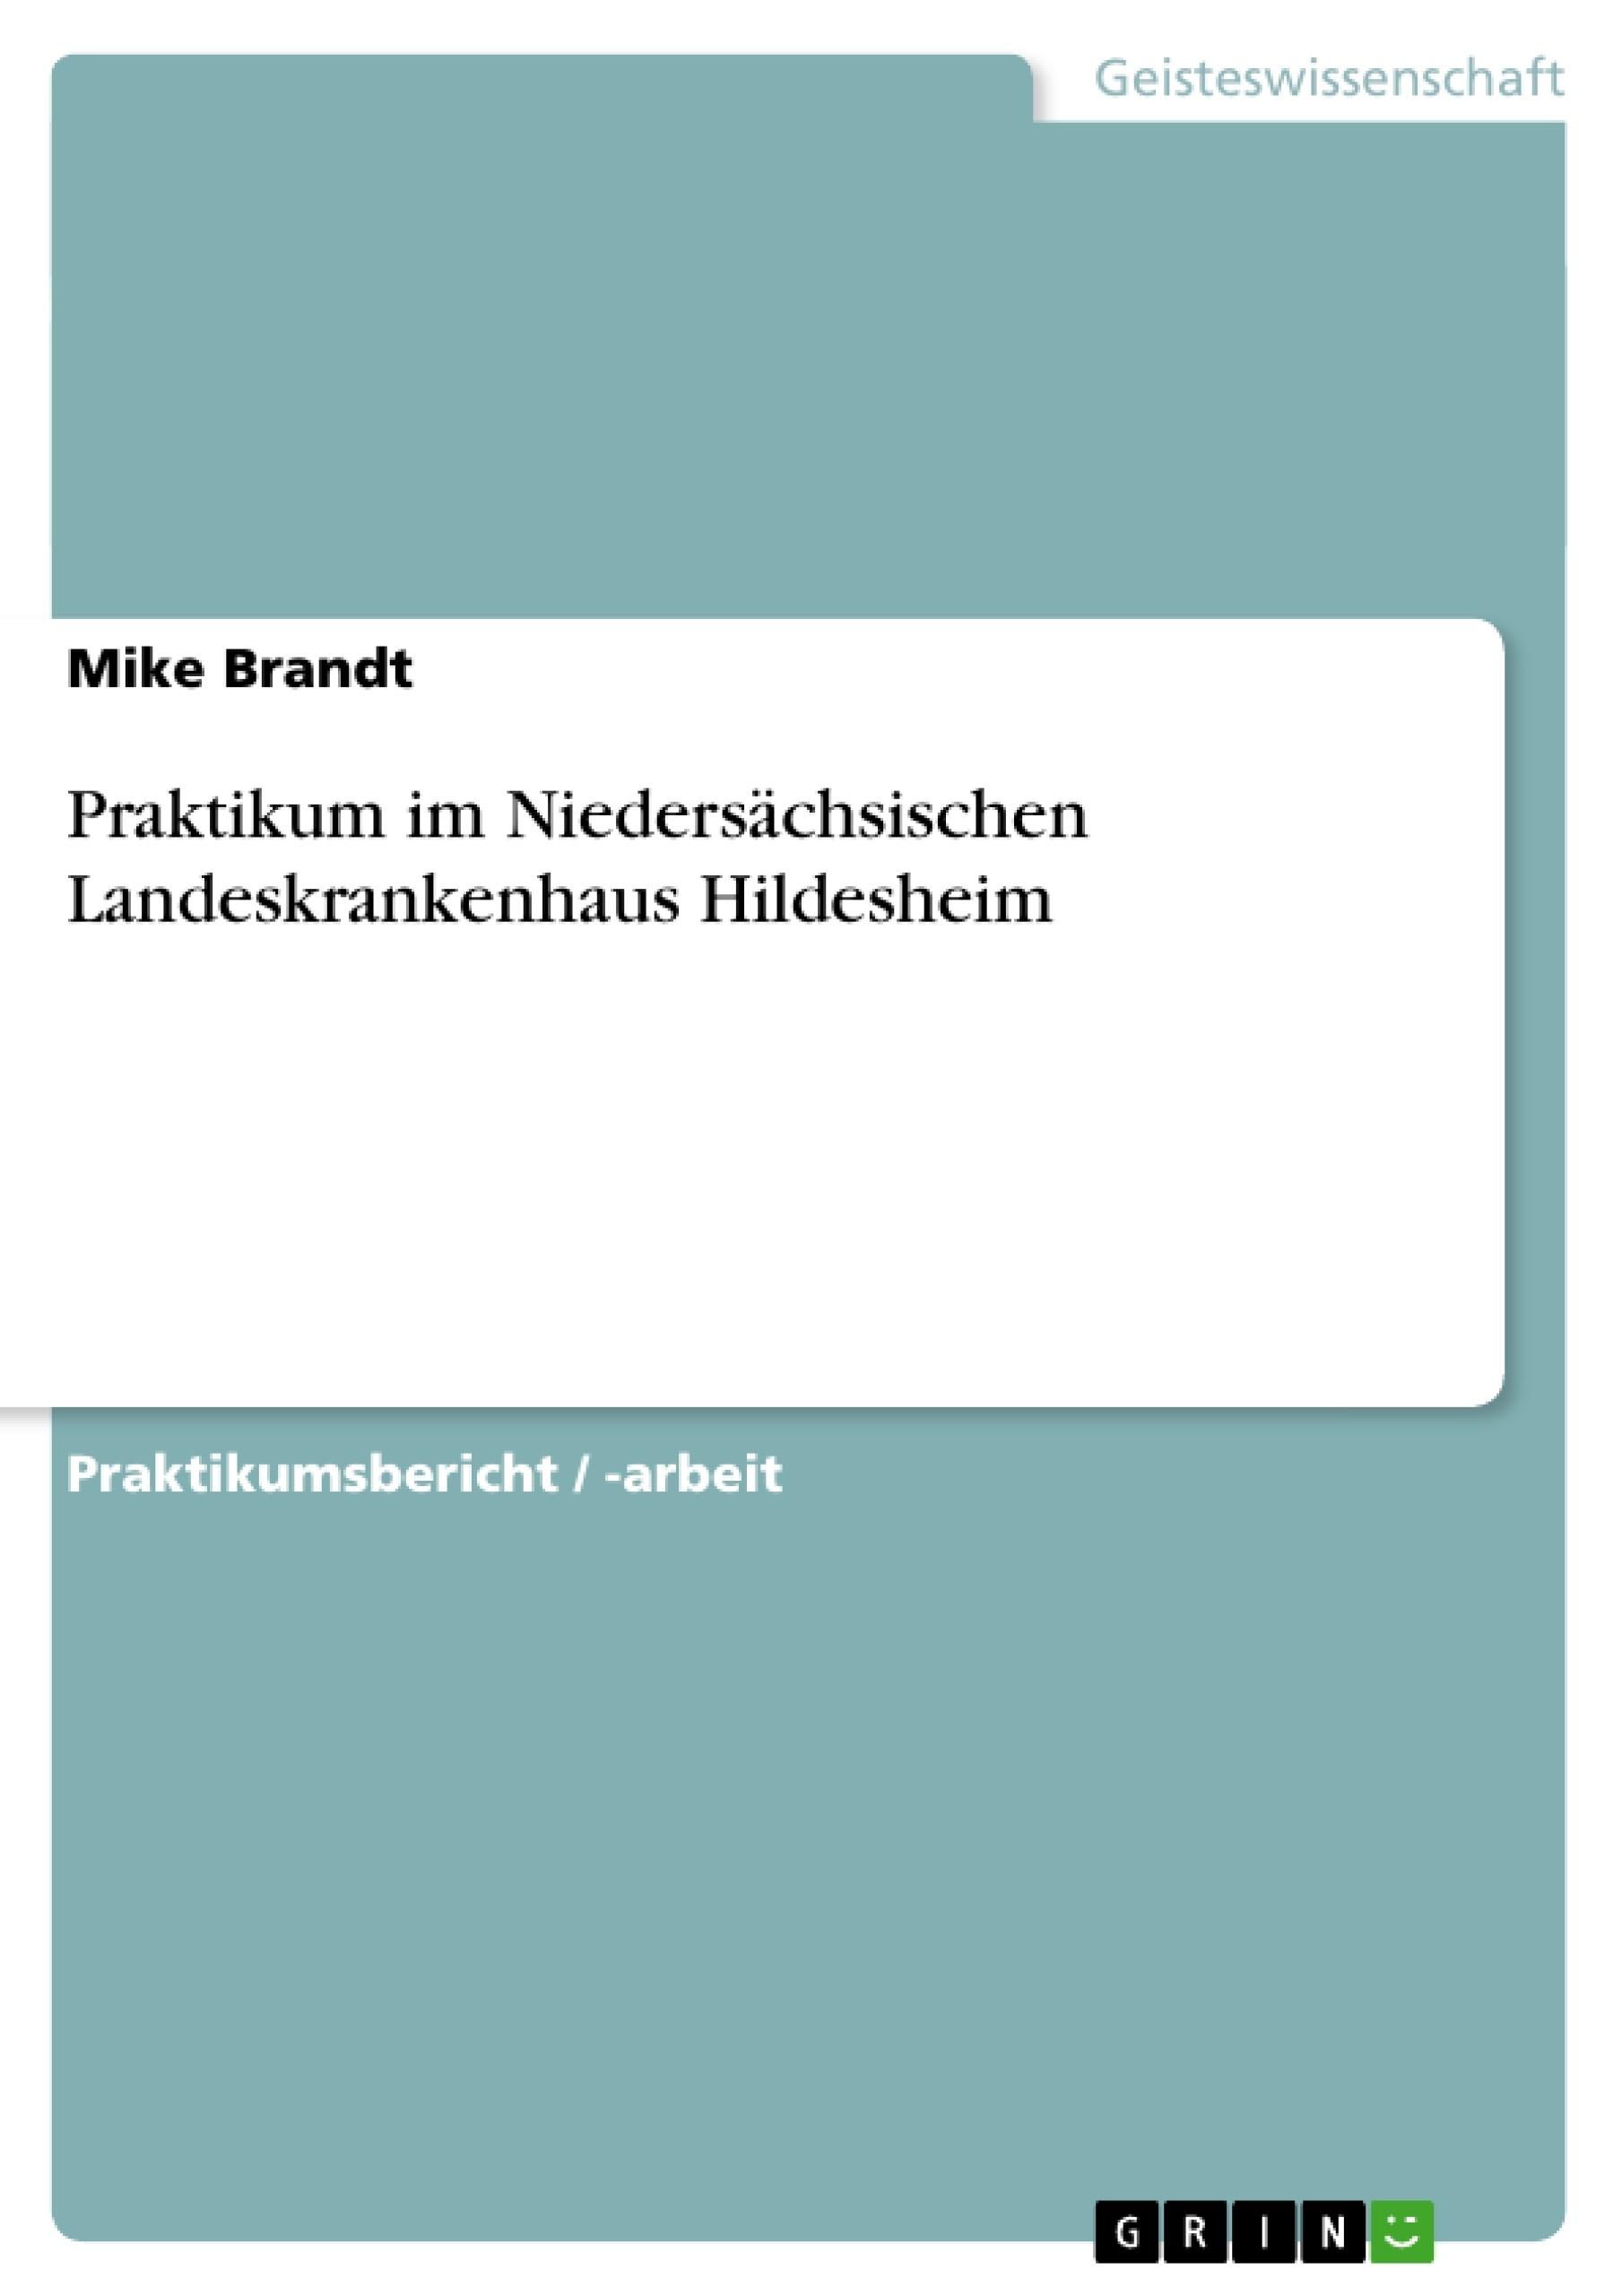 Titel: Praktikum im Niedersächsischen Landeskrankenhaus Hildesheim